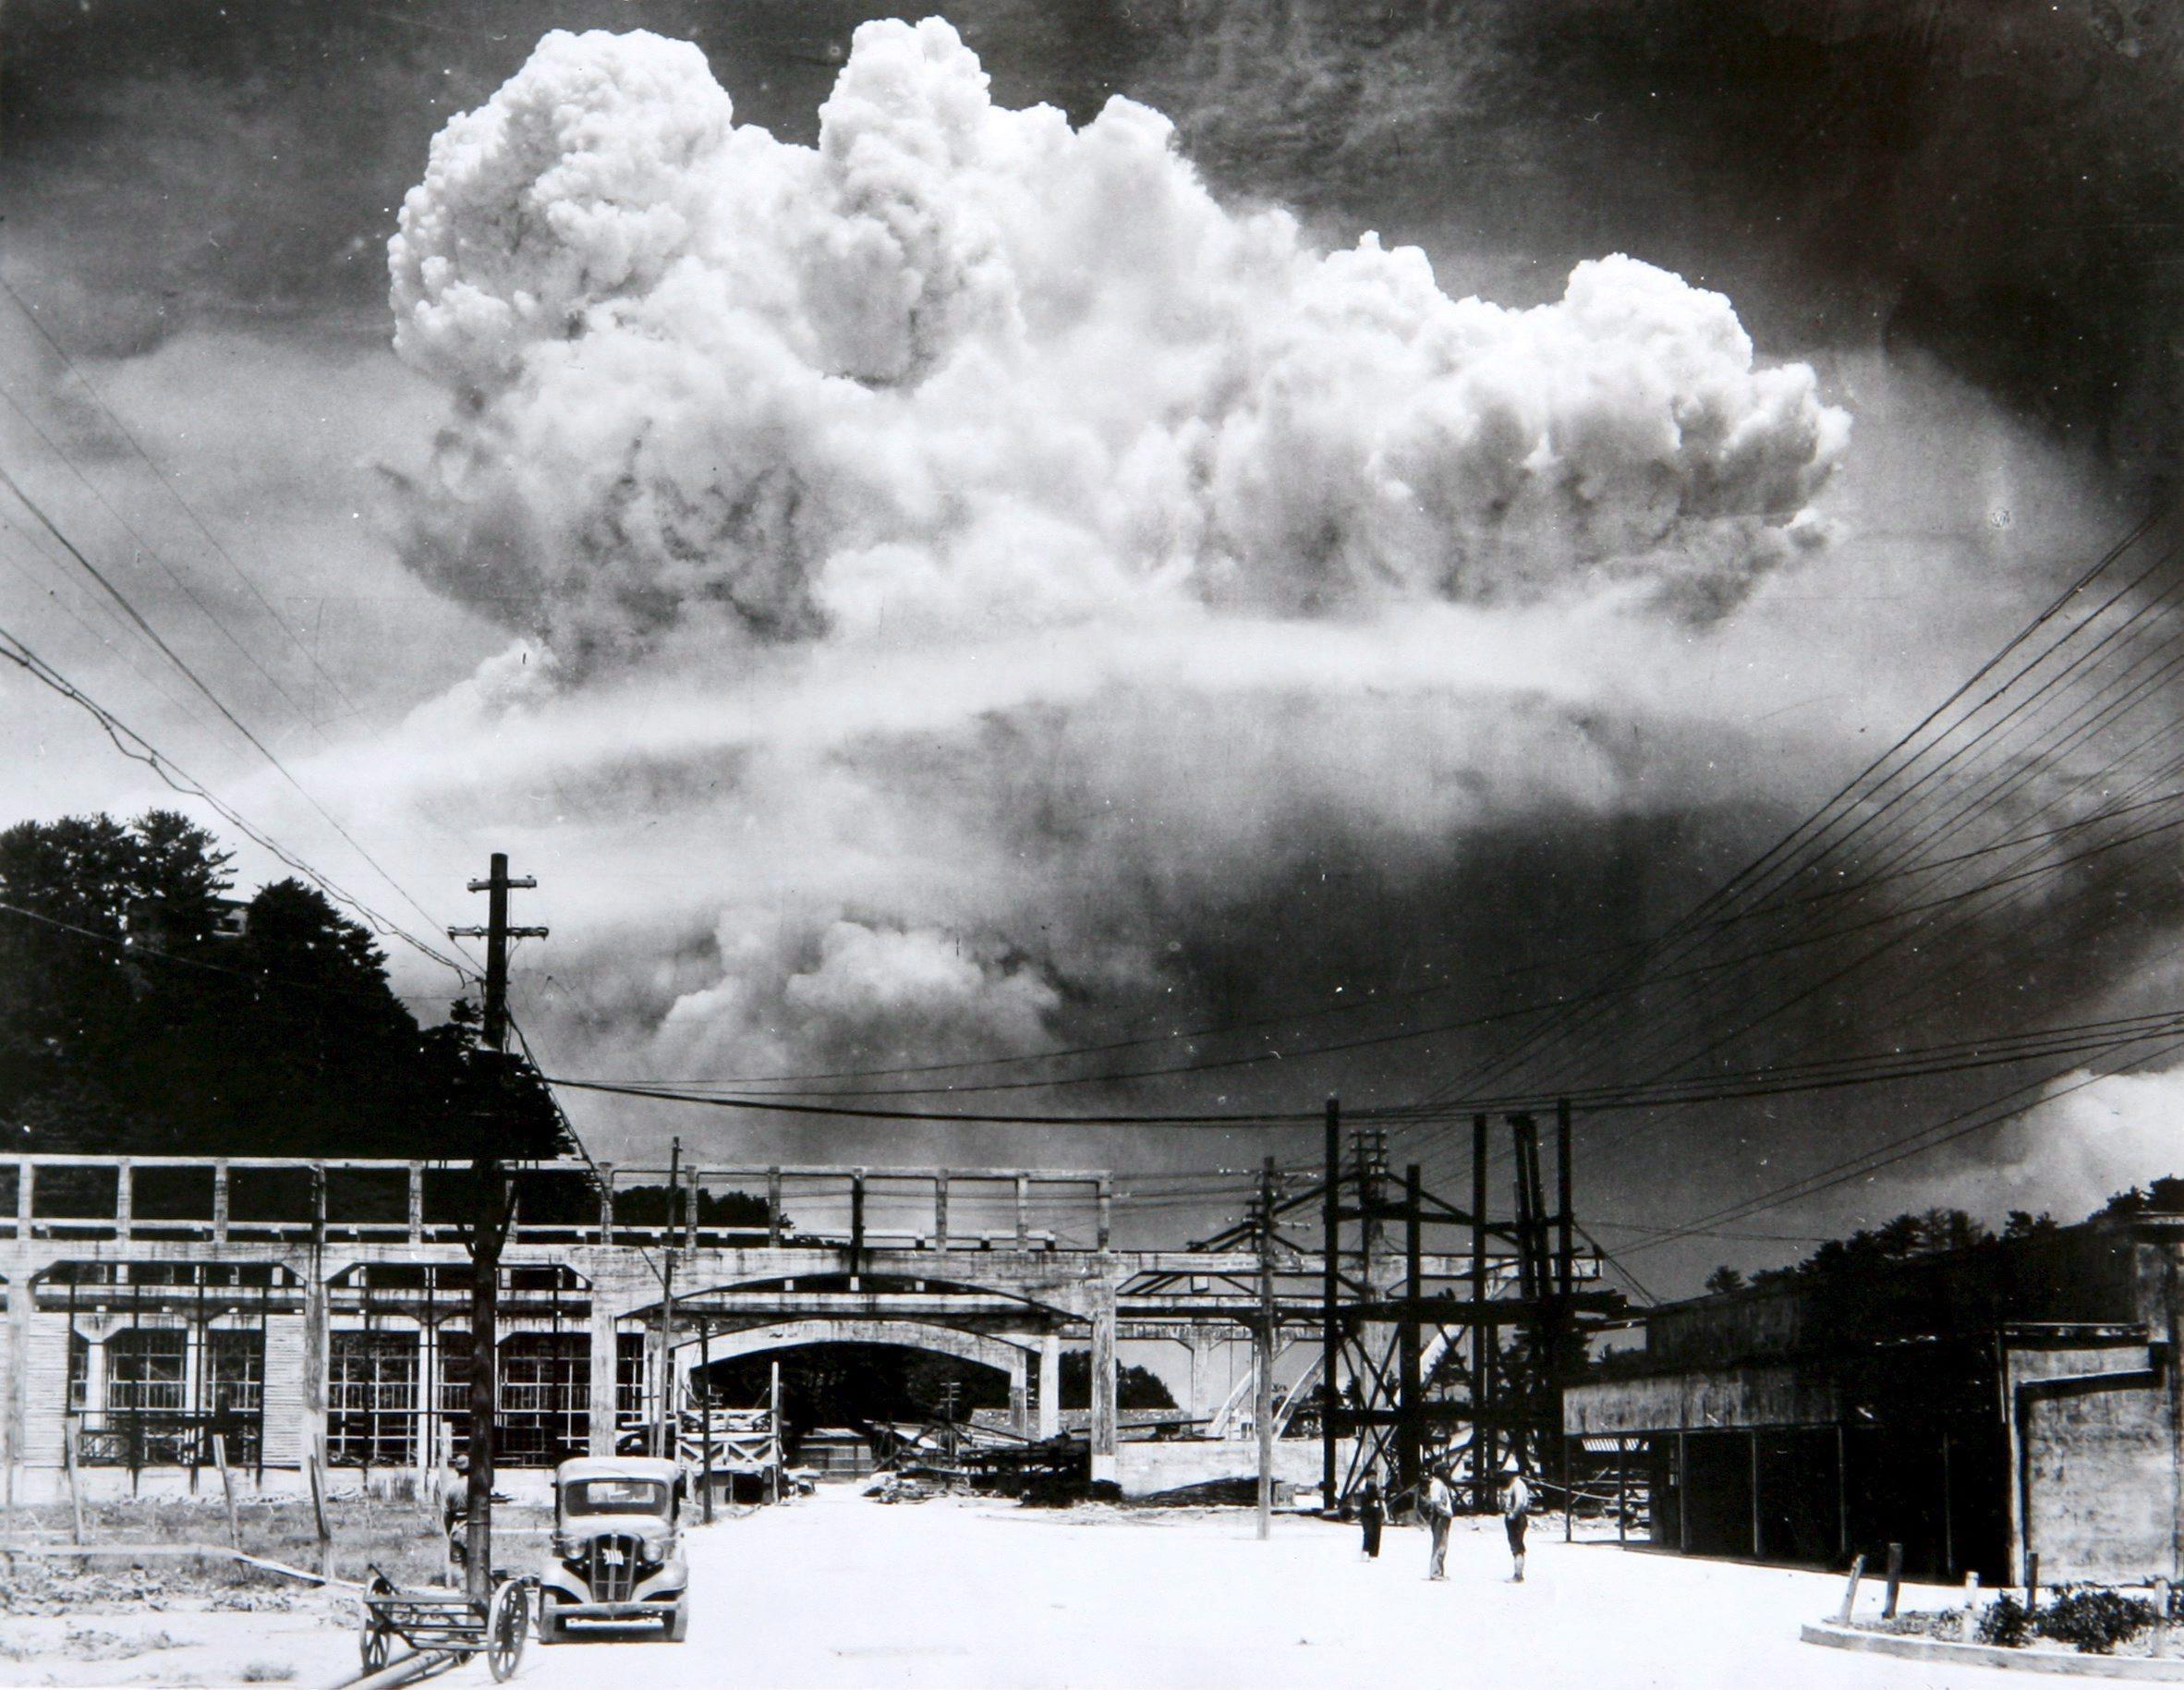 原爆投下から15分後に香焼島から撮影されたキノコ雲(松田弘道撮影)